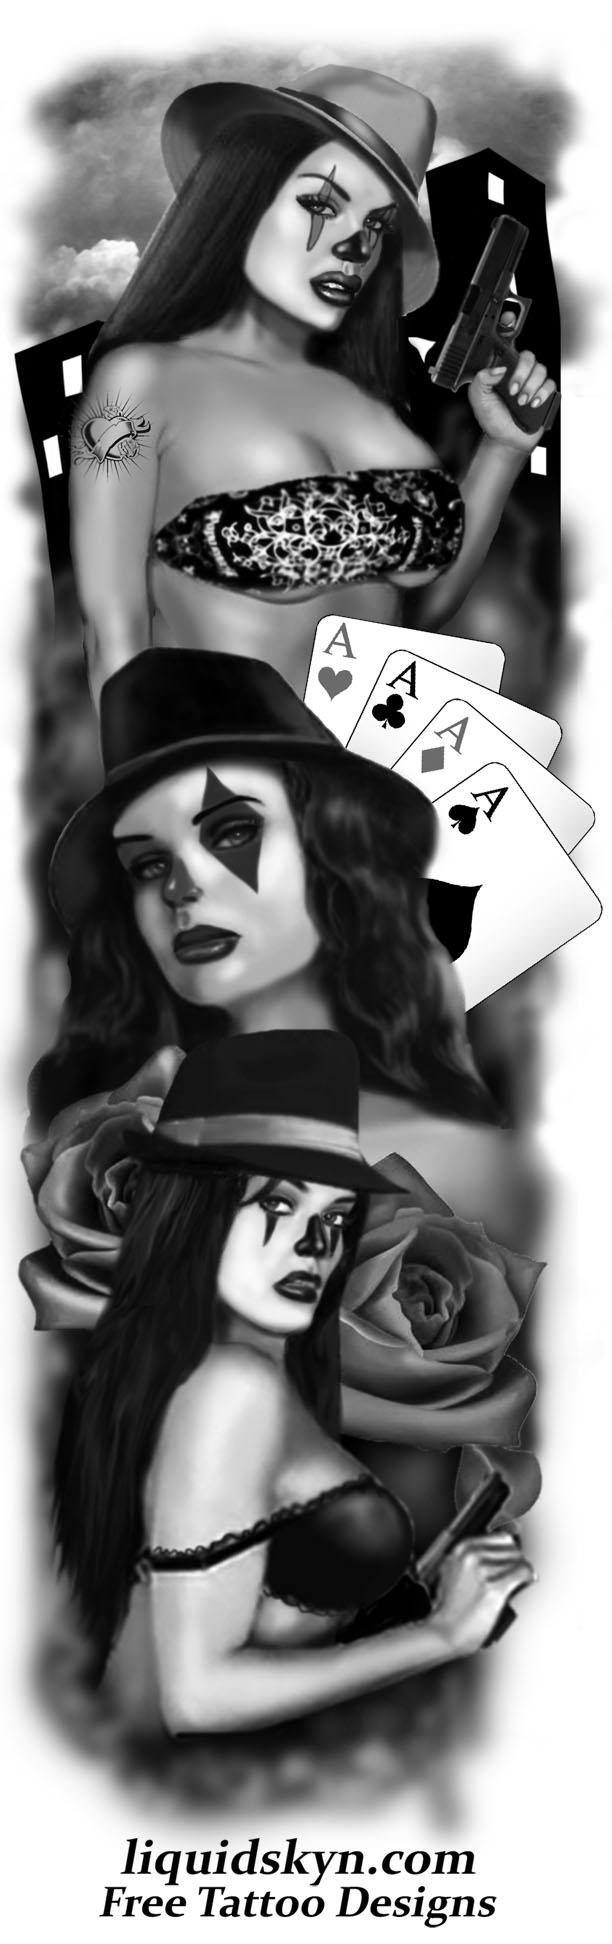 Gangsta Clown Girl Tattoo Design